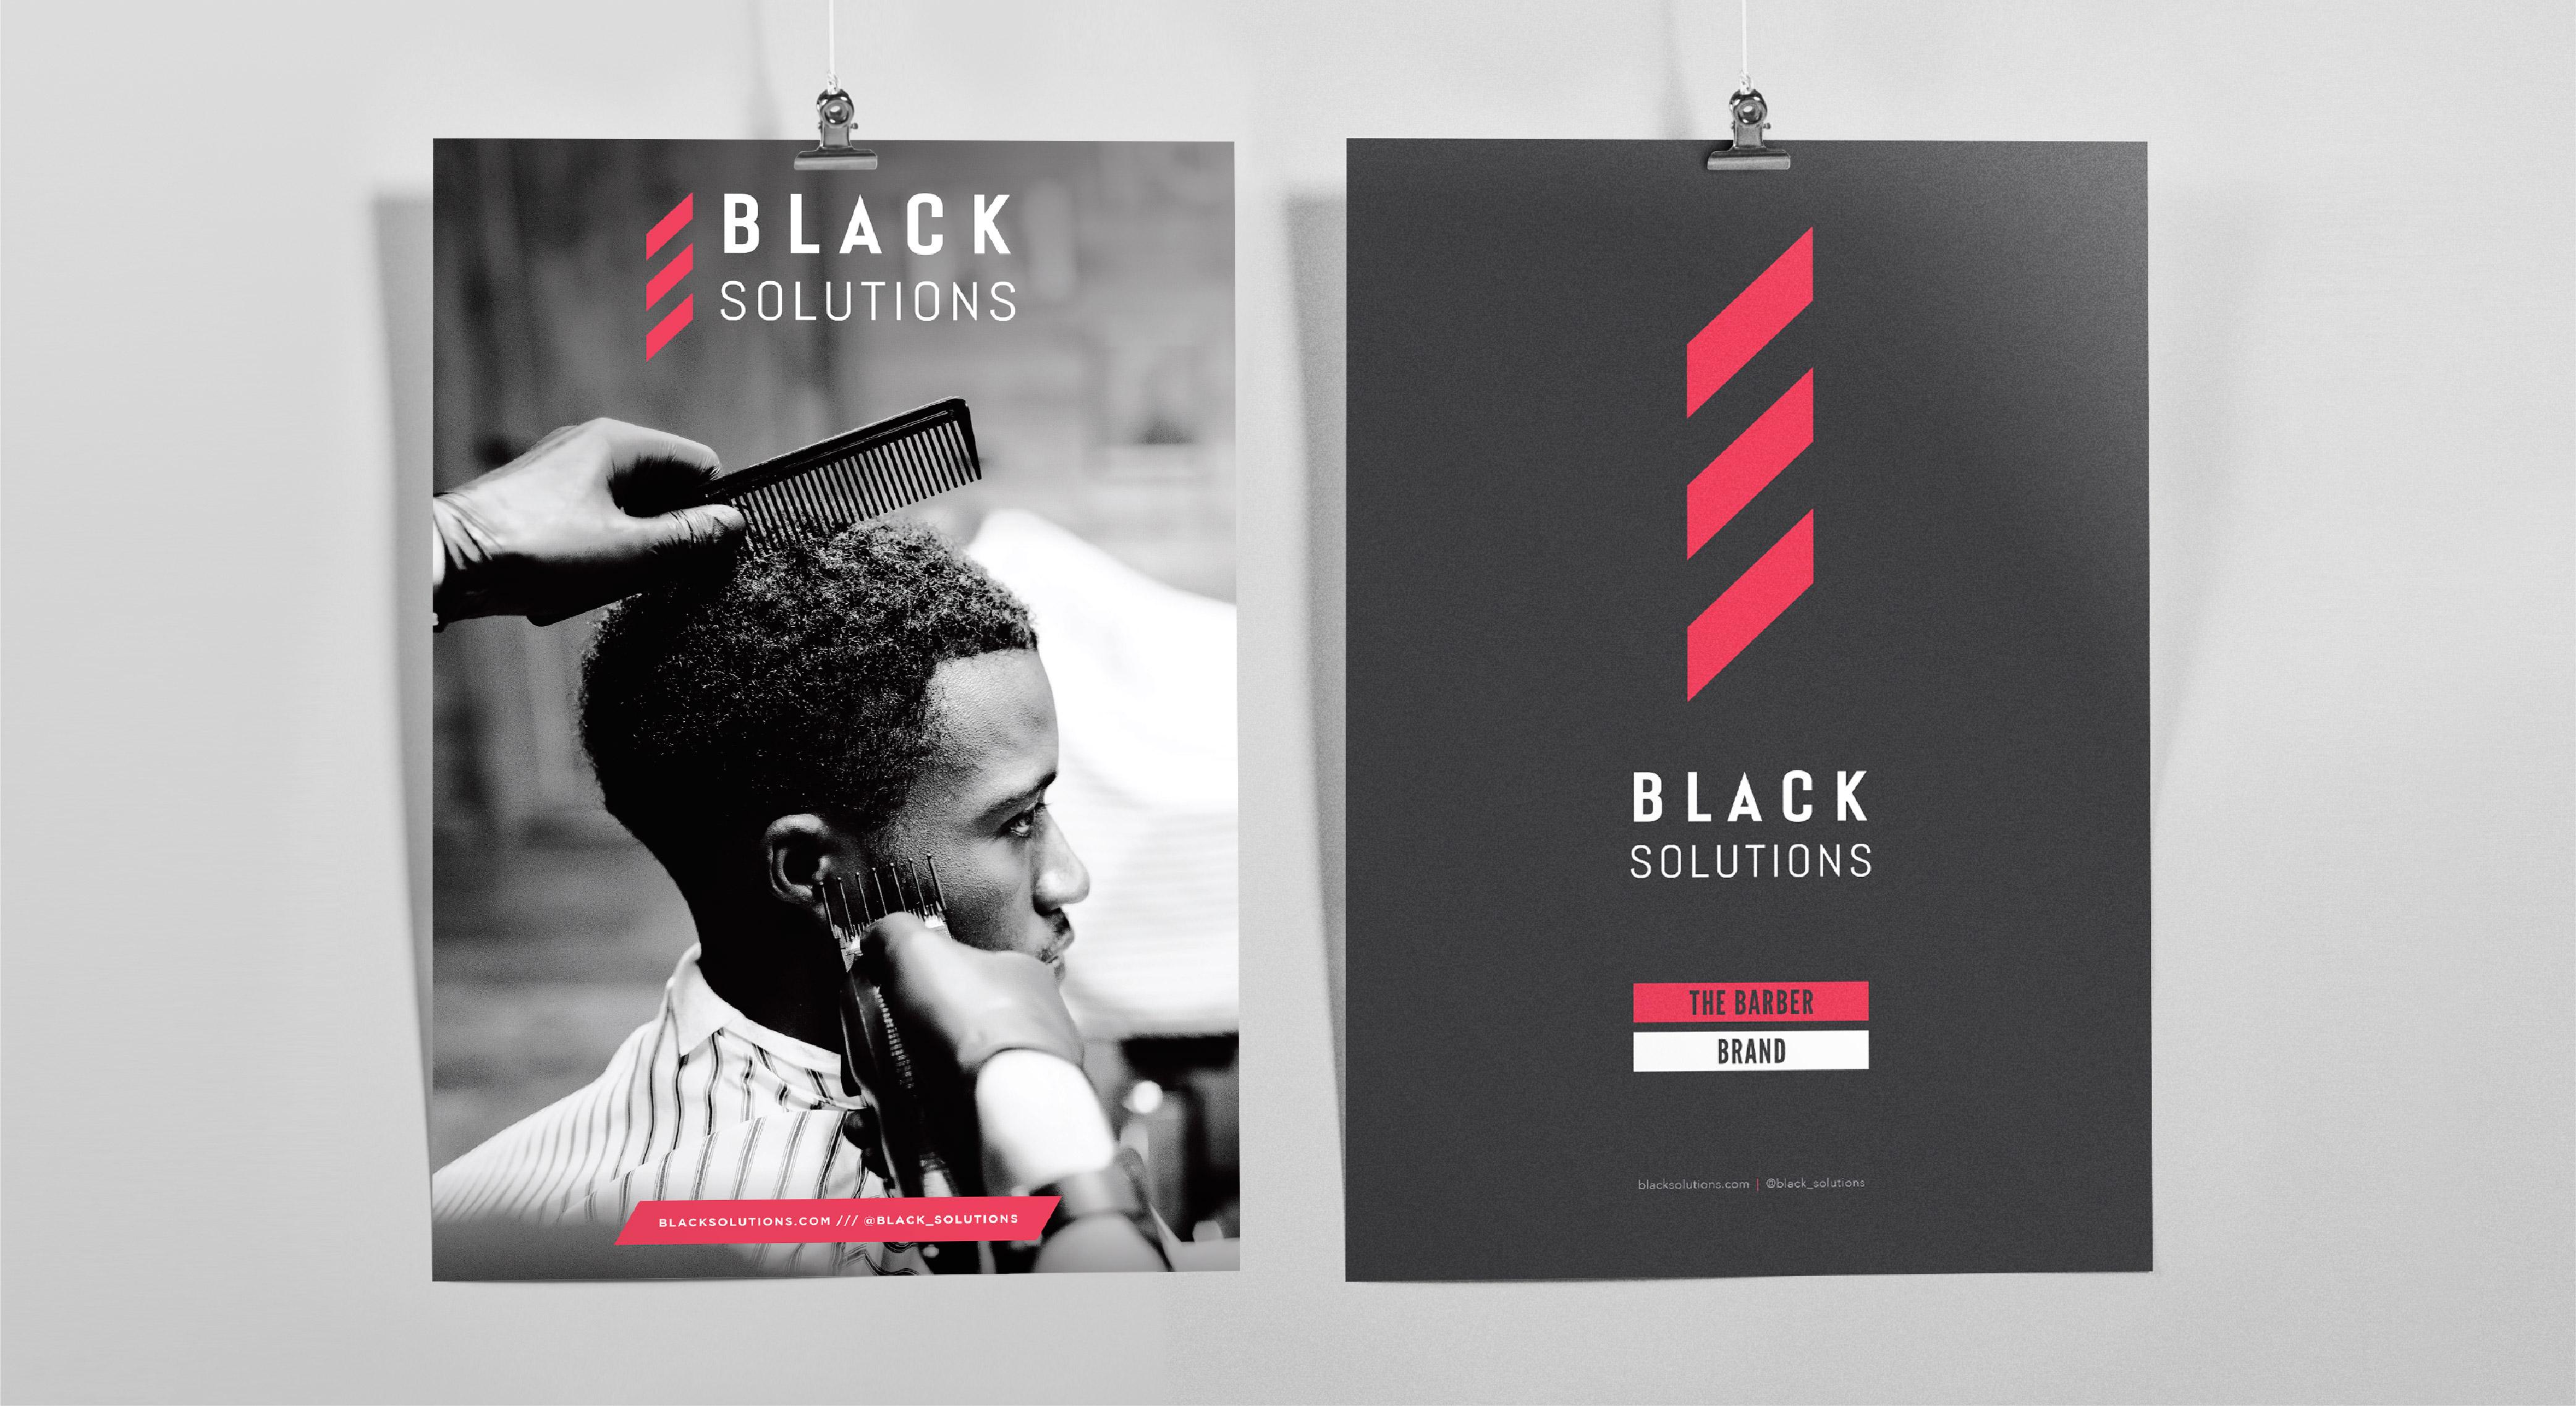 Black Solutions branded poster design